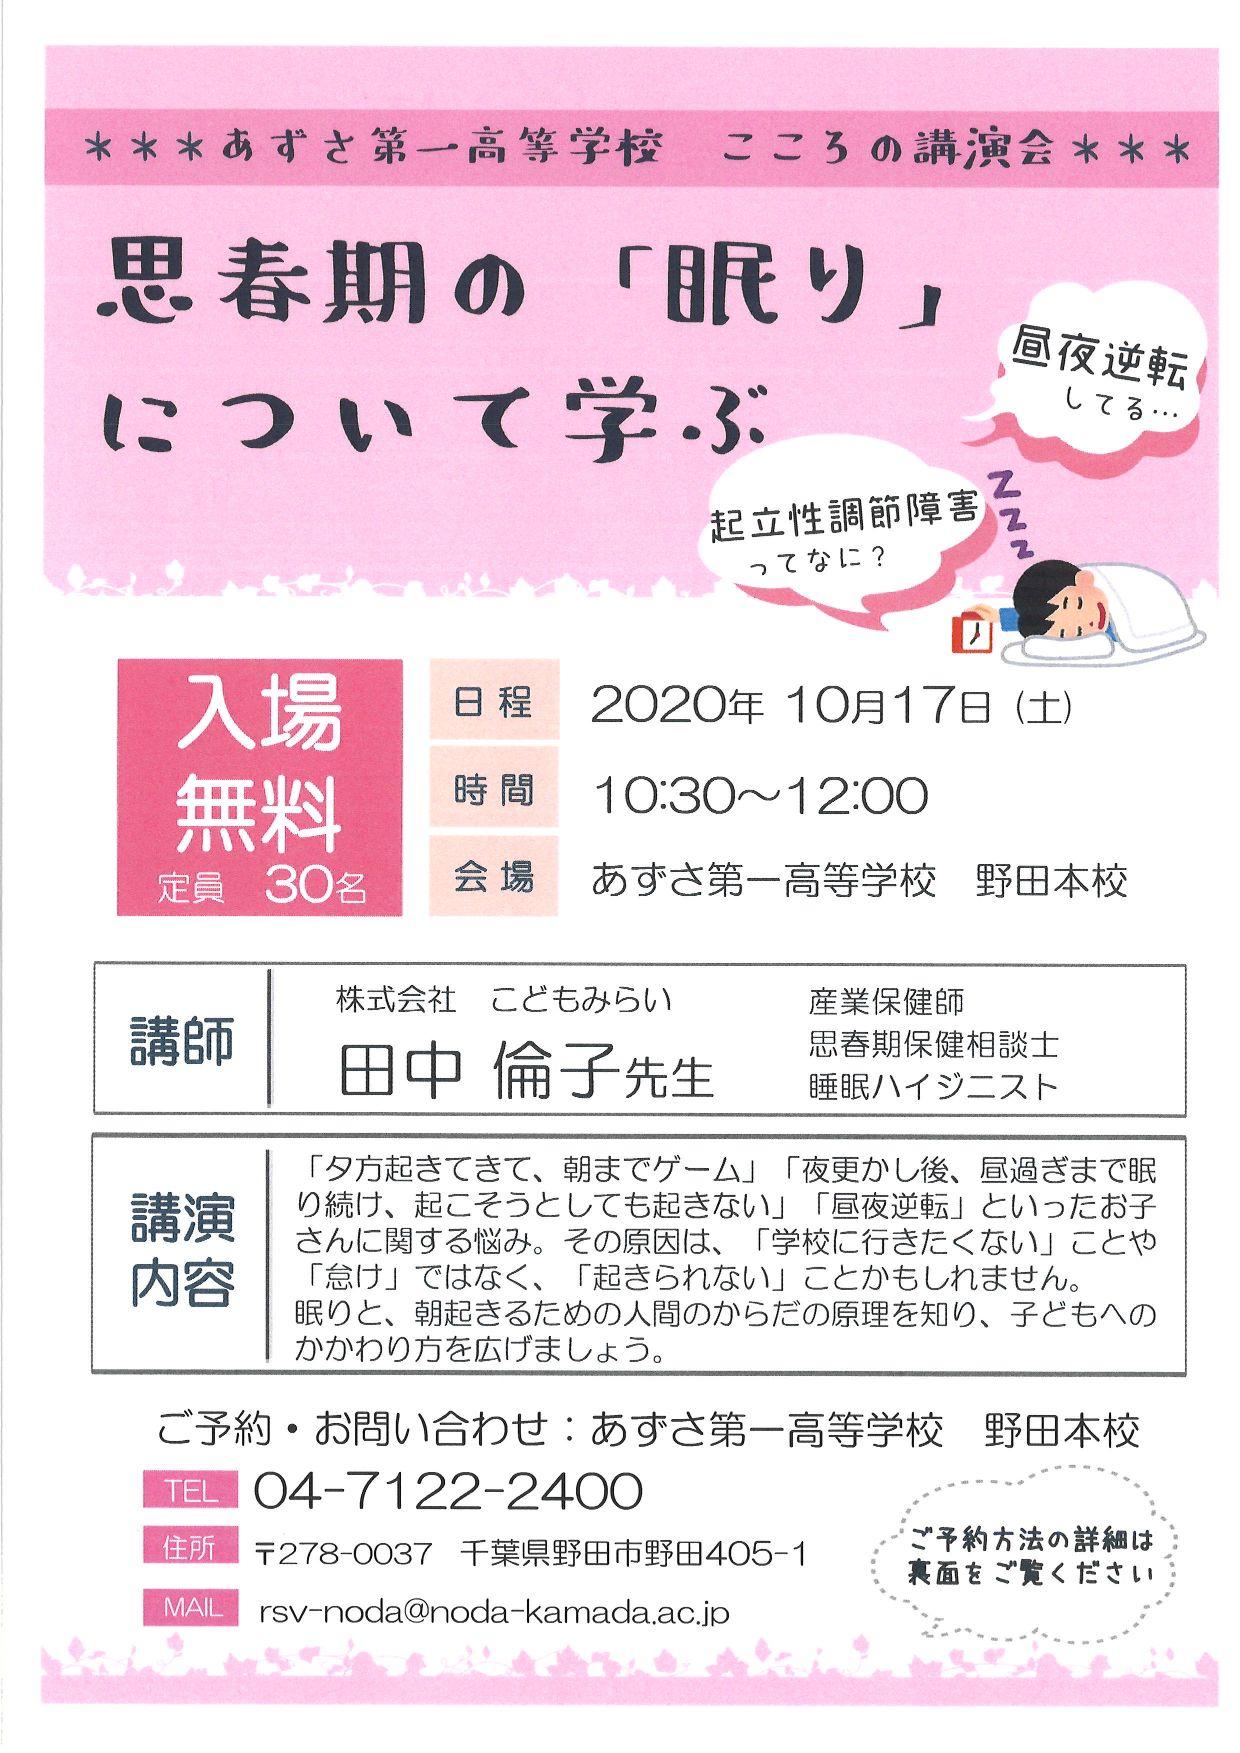 野田キャンパス/野田本校 「こころの講演会」 image1